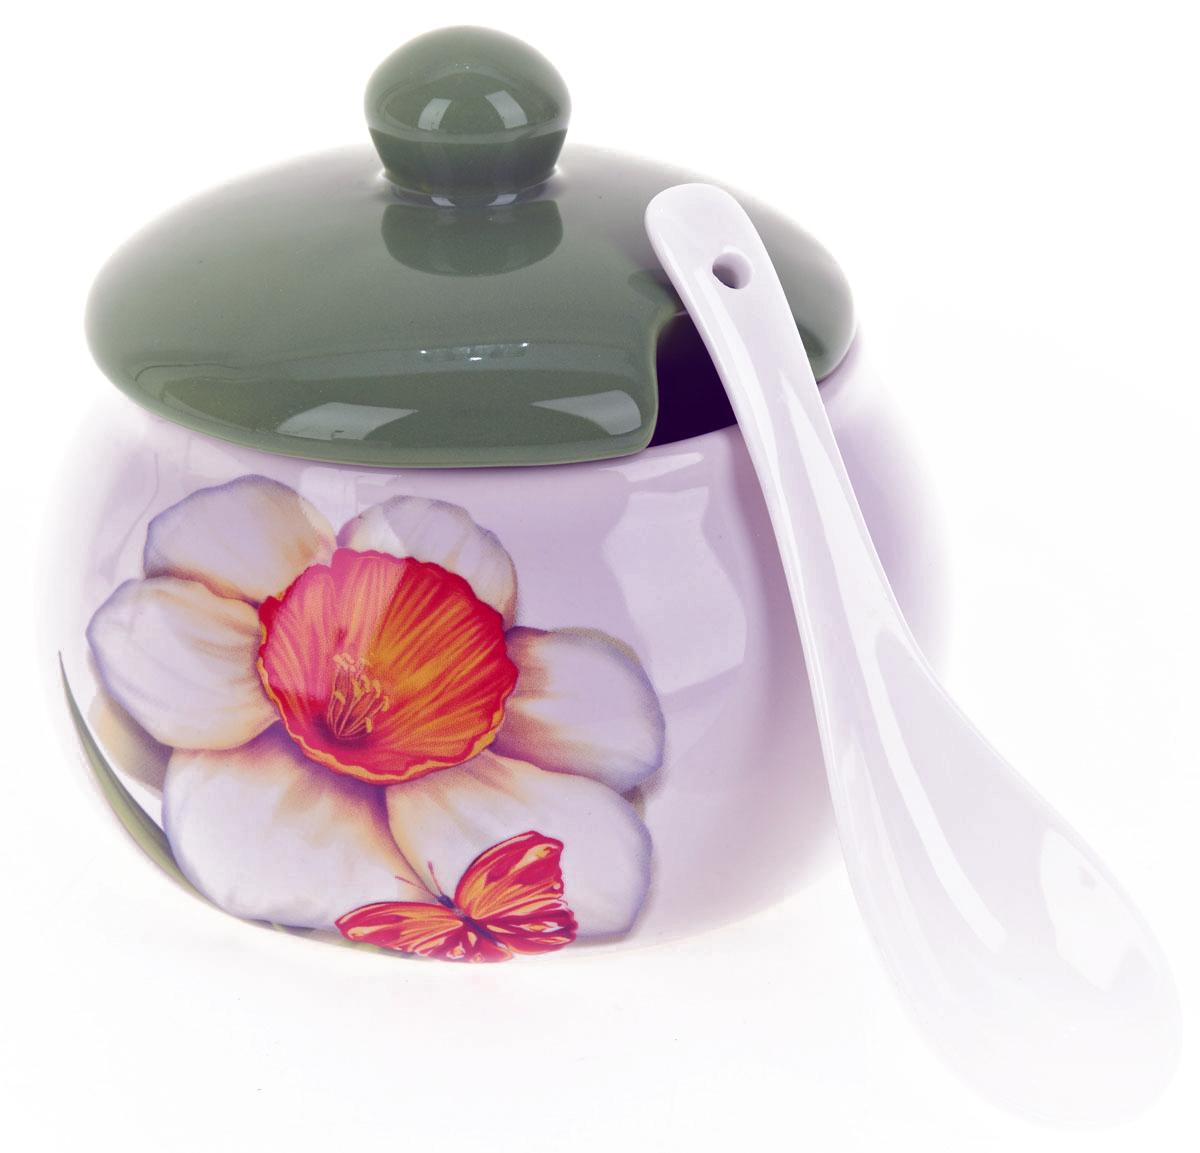 Сахарница ENS Group Нарцисс, с ложкой, 600 мл115510Сахарница Нарцисс с крышкой и ложкой изготовлена из керамики и украшена ярким рисунком.Емкость универсальна, подойдет как для сахара, так и для специй или меда. Можно мыть в посудомоечной машине.